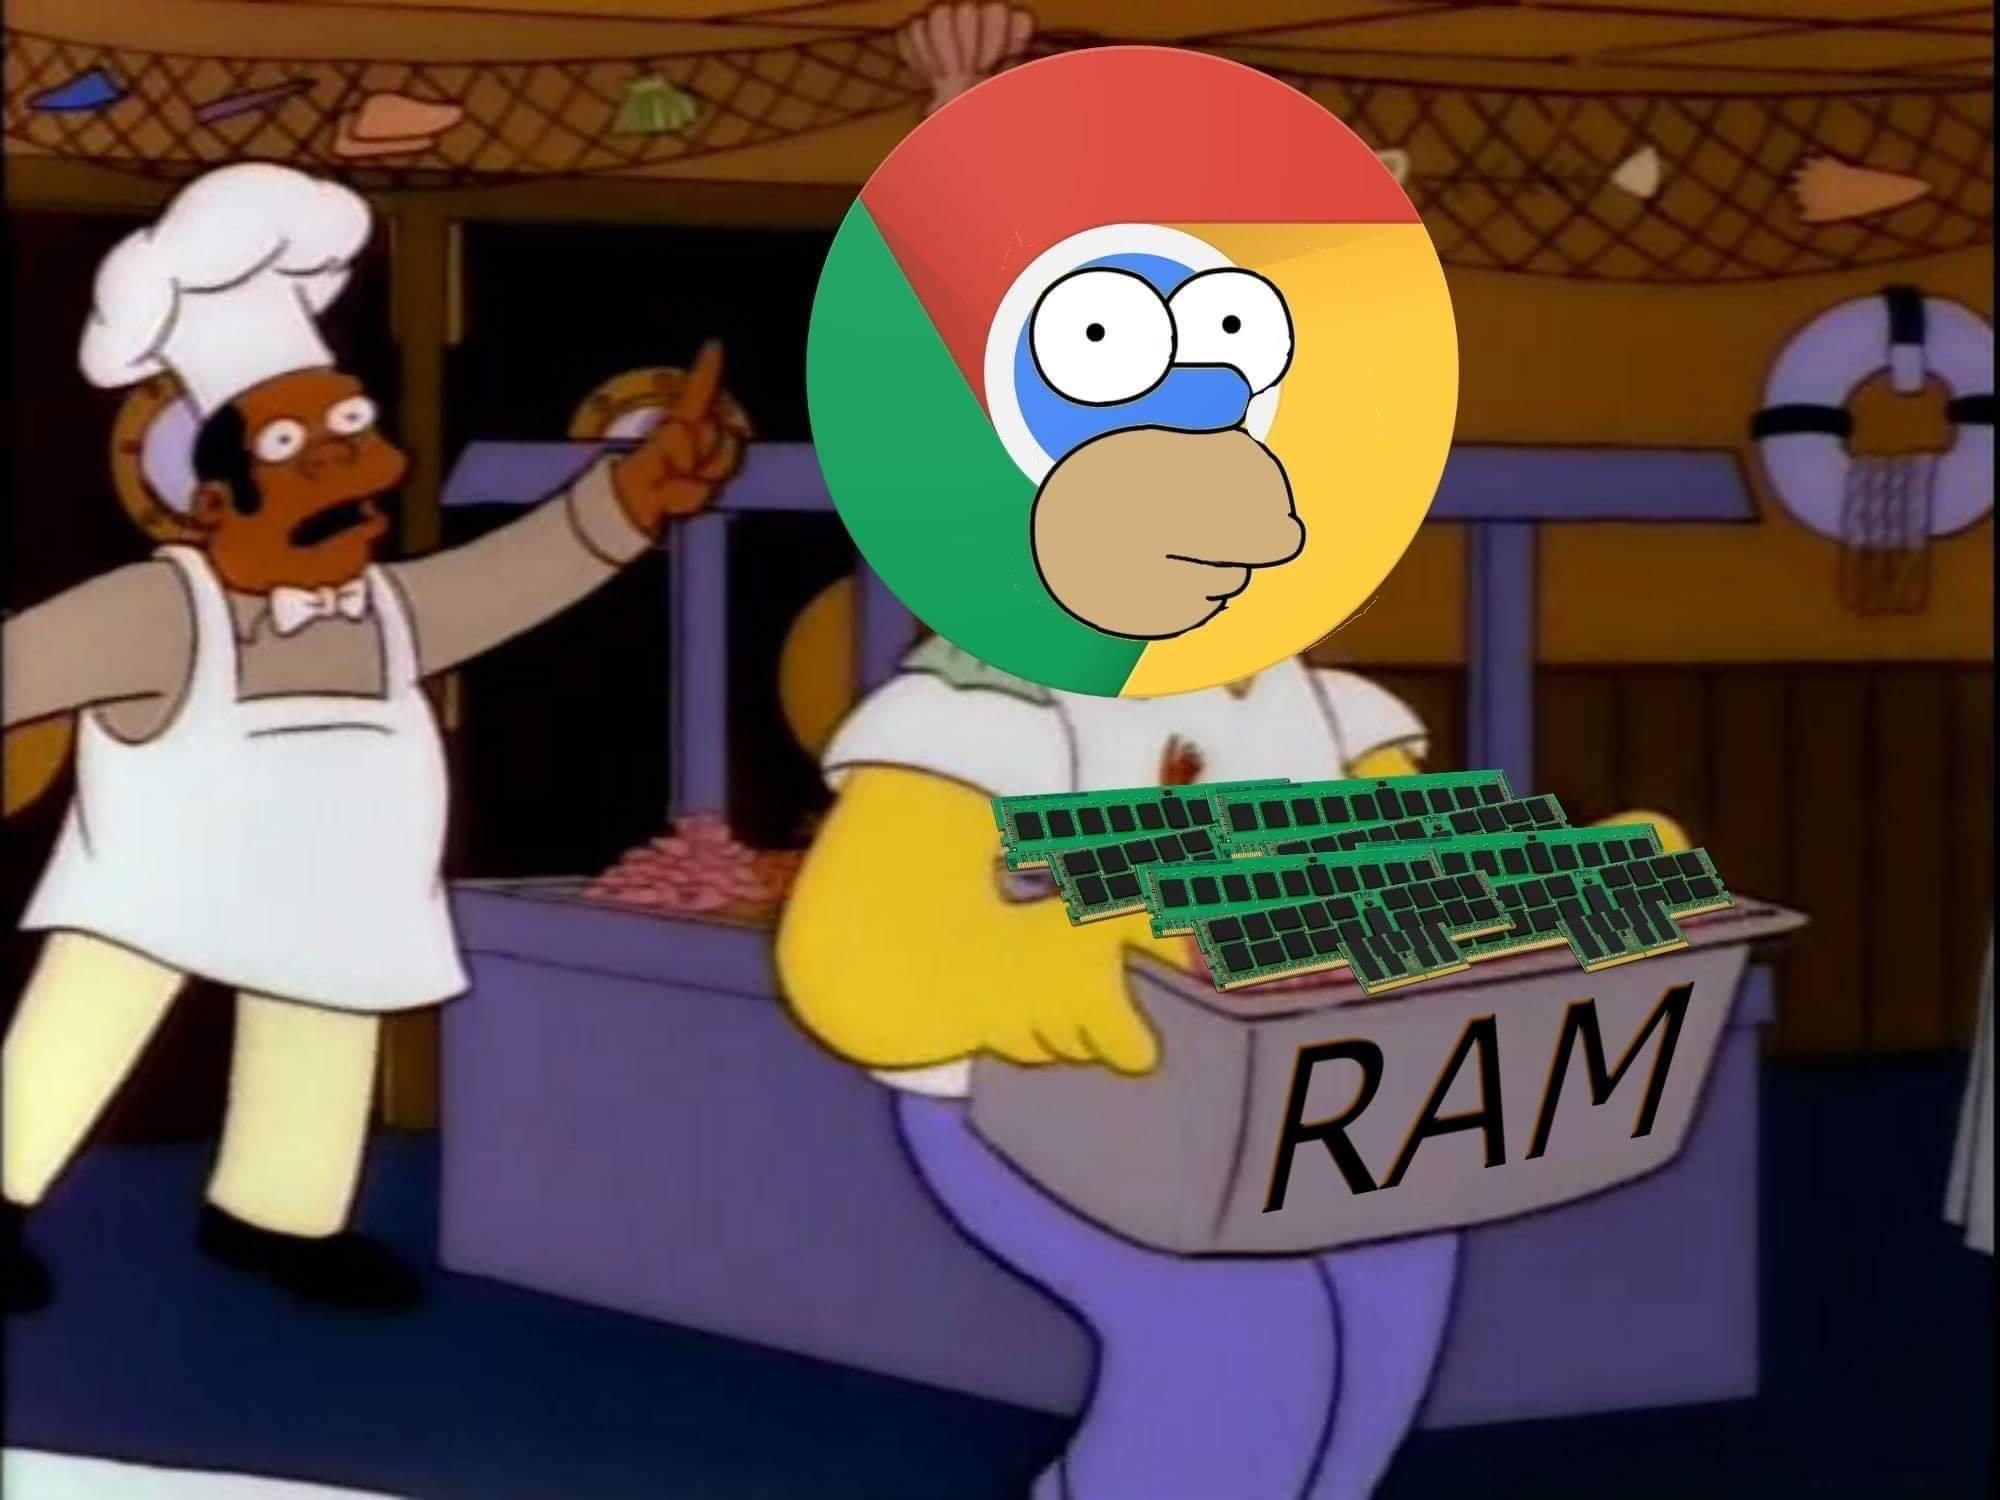 Title liked the Simpsons (seasons 1-10) - meme